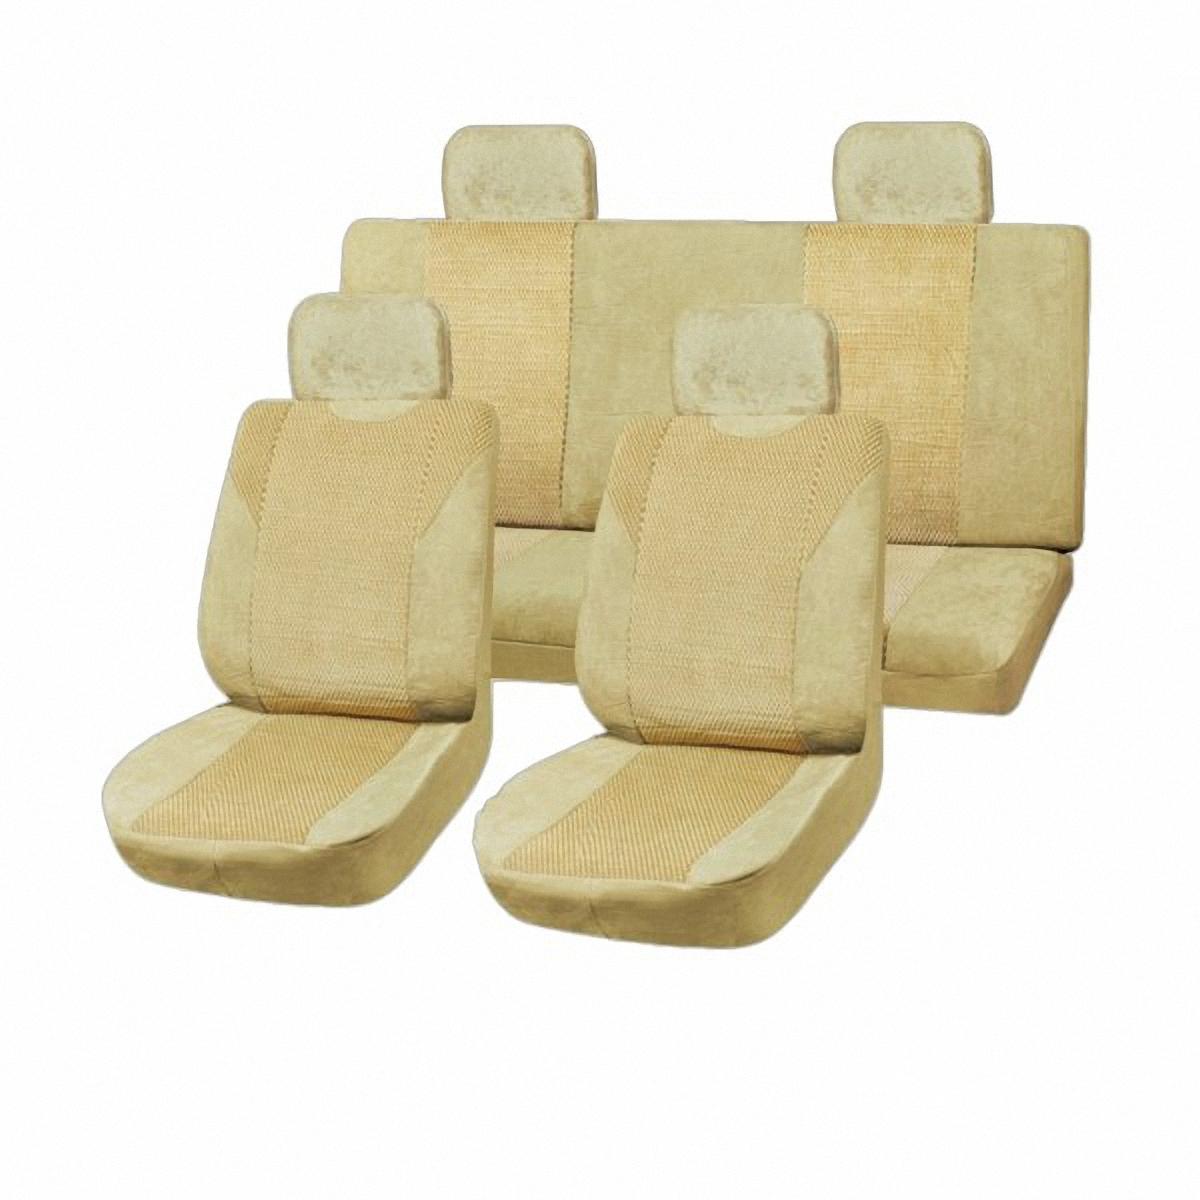 Чехлы автомобильные Skyway DRIVE, цвет: бежевый, 11 предметов. SW-111029 BE/S01301005SW-111029 BE/S01301005Универсальные чехлы автомобильные Skyway, изготовленные из прочного материала - велюр, прекрасно защитят ваш салон от износа и повреждений. Более плотный поролон позволяет чехлам полностью прилегать к сидению автомобиля и меньше растягиваться в процессе использования. Ткань чехлов на сиденья не вытягивается, не истирается, великолепно сохраняет форму, устойчива к световому и тепловому воздействию, а ровные, крепкие швы не разойдутся даже при сильном натяжении.В комплекте 11 чехлов.